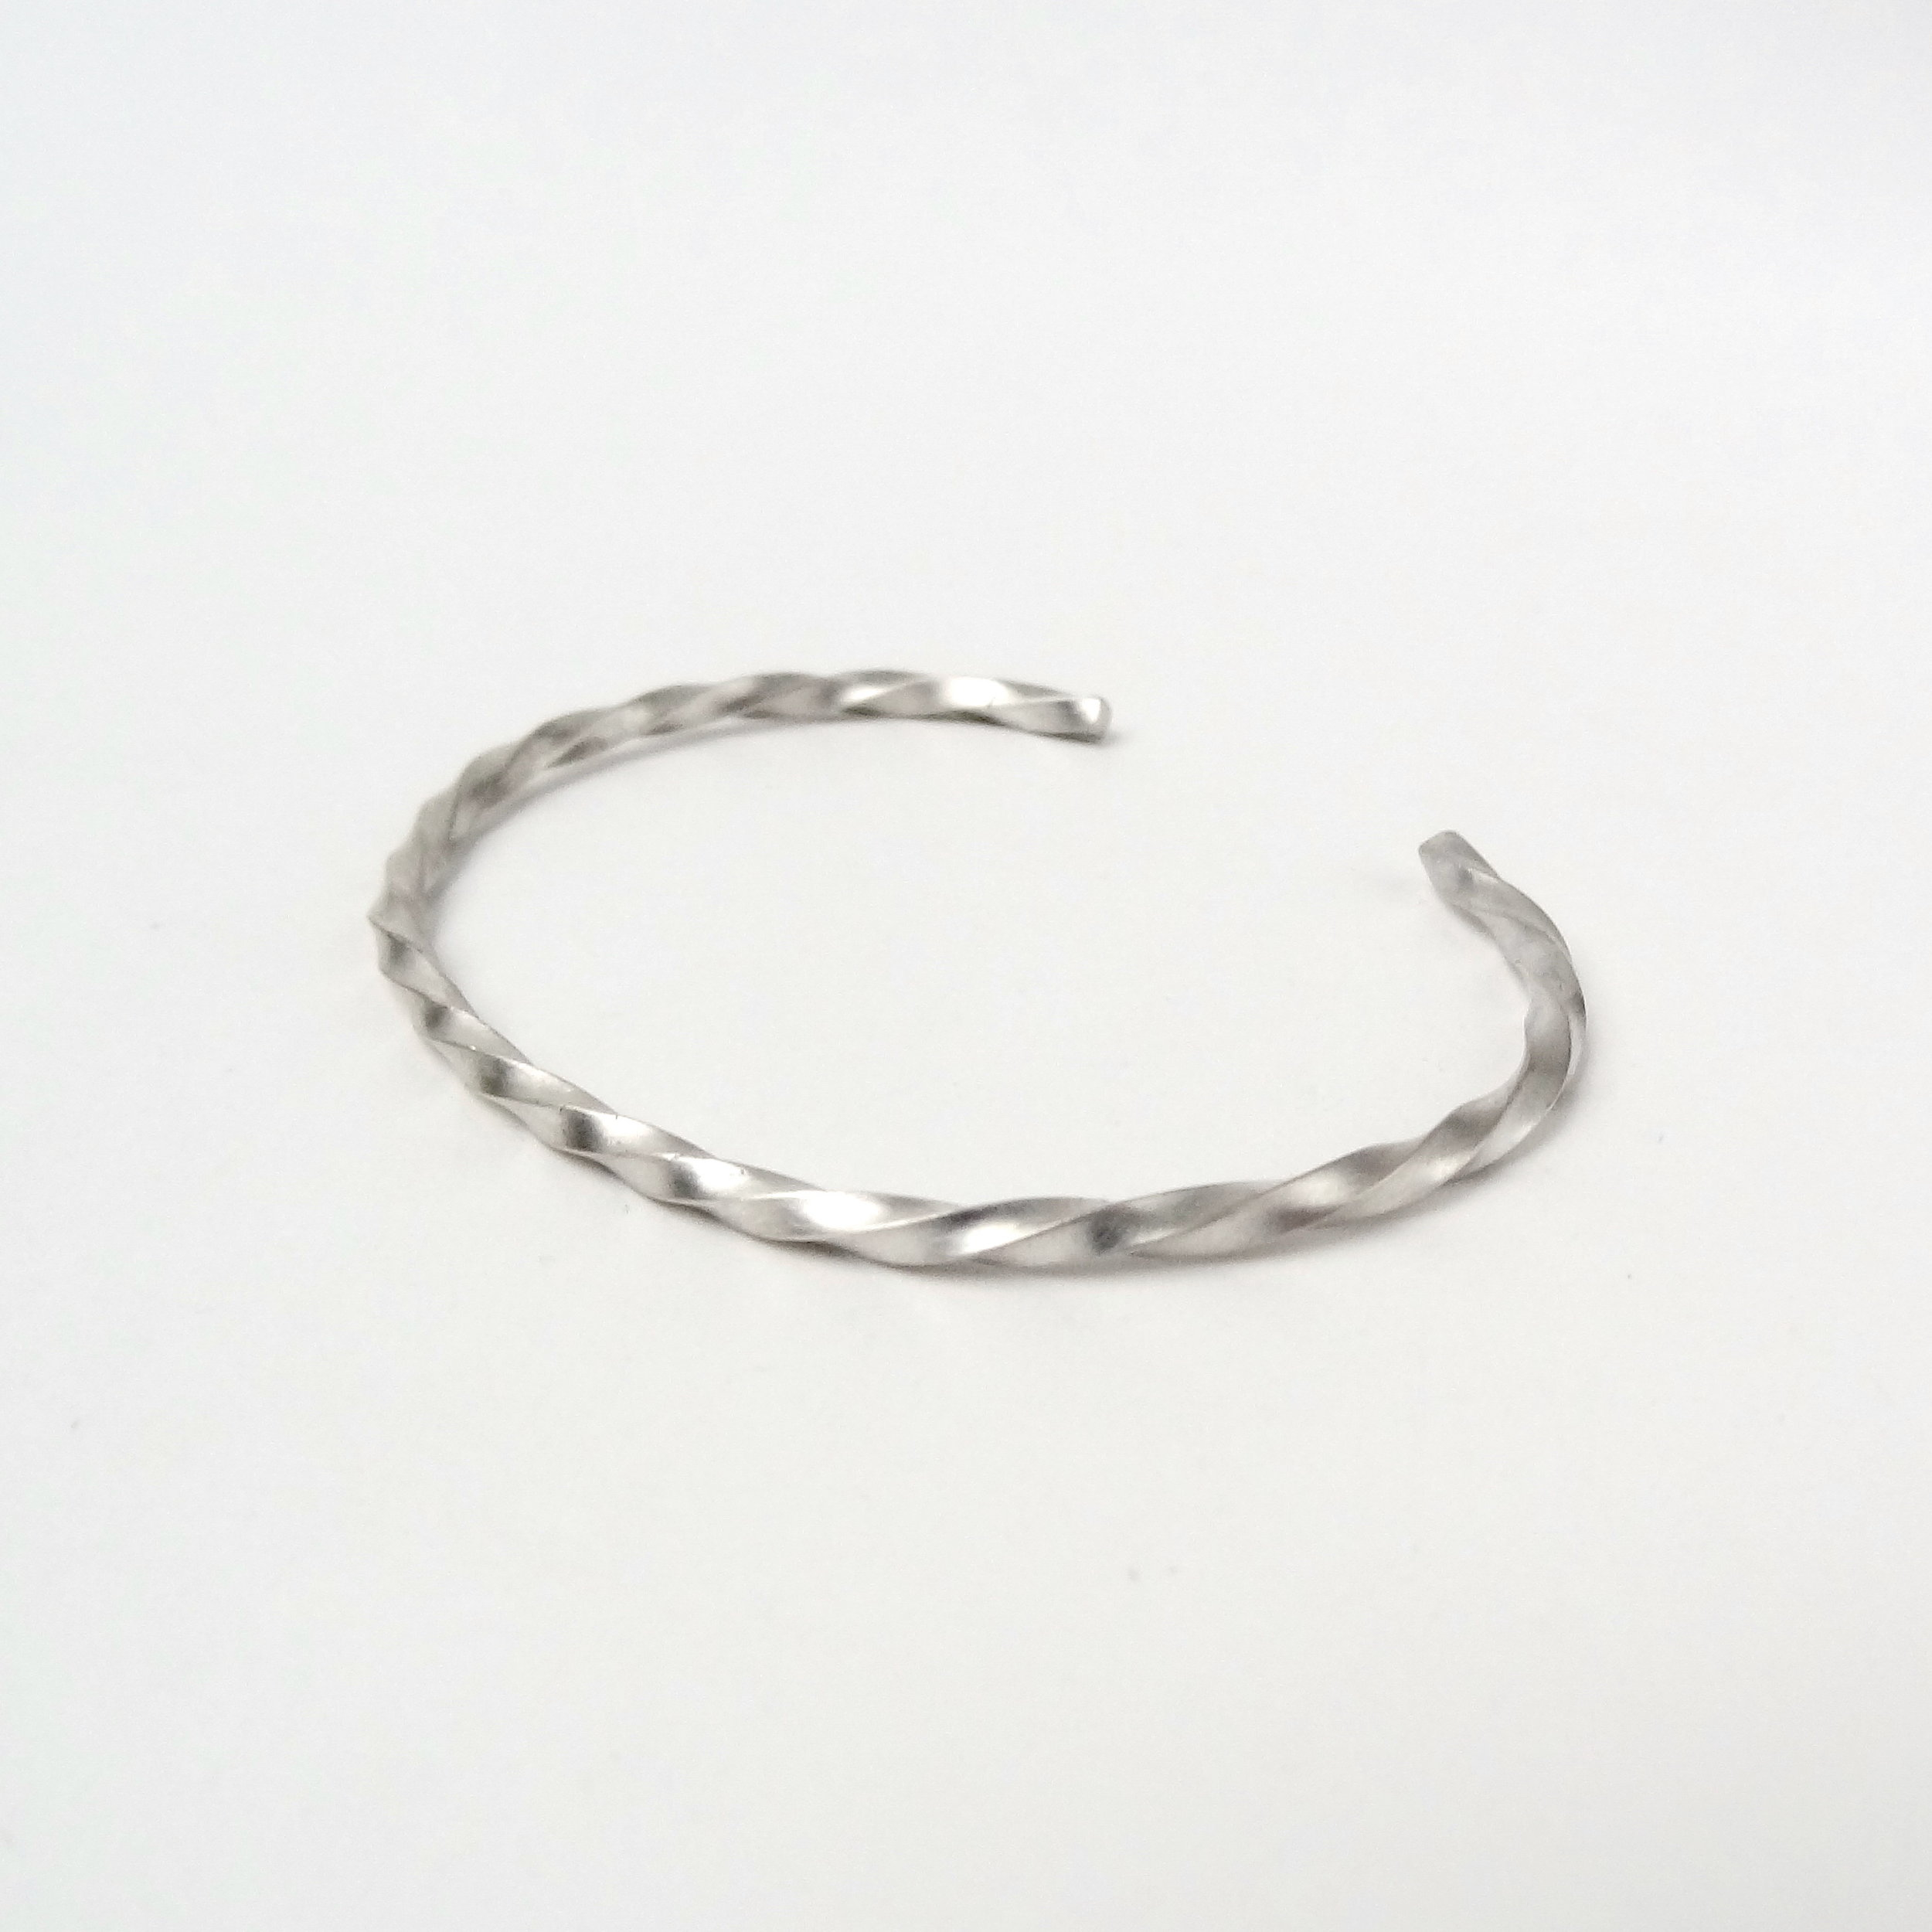 Twisted Silver Cuff Bracelet Rebecca